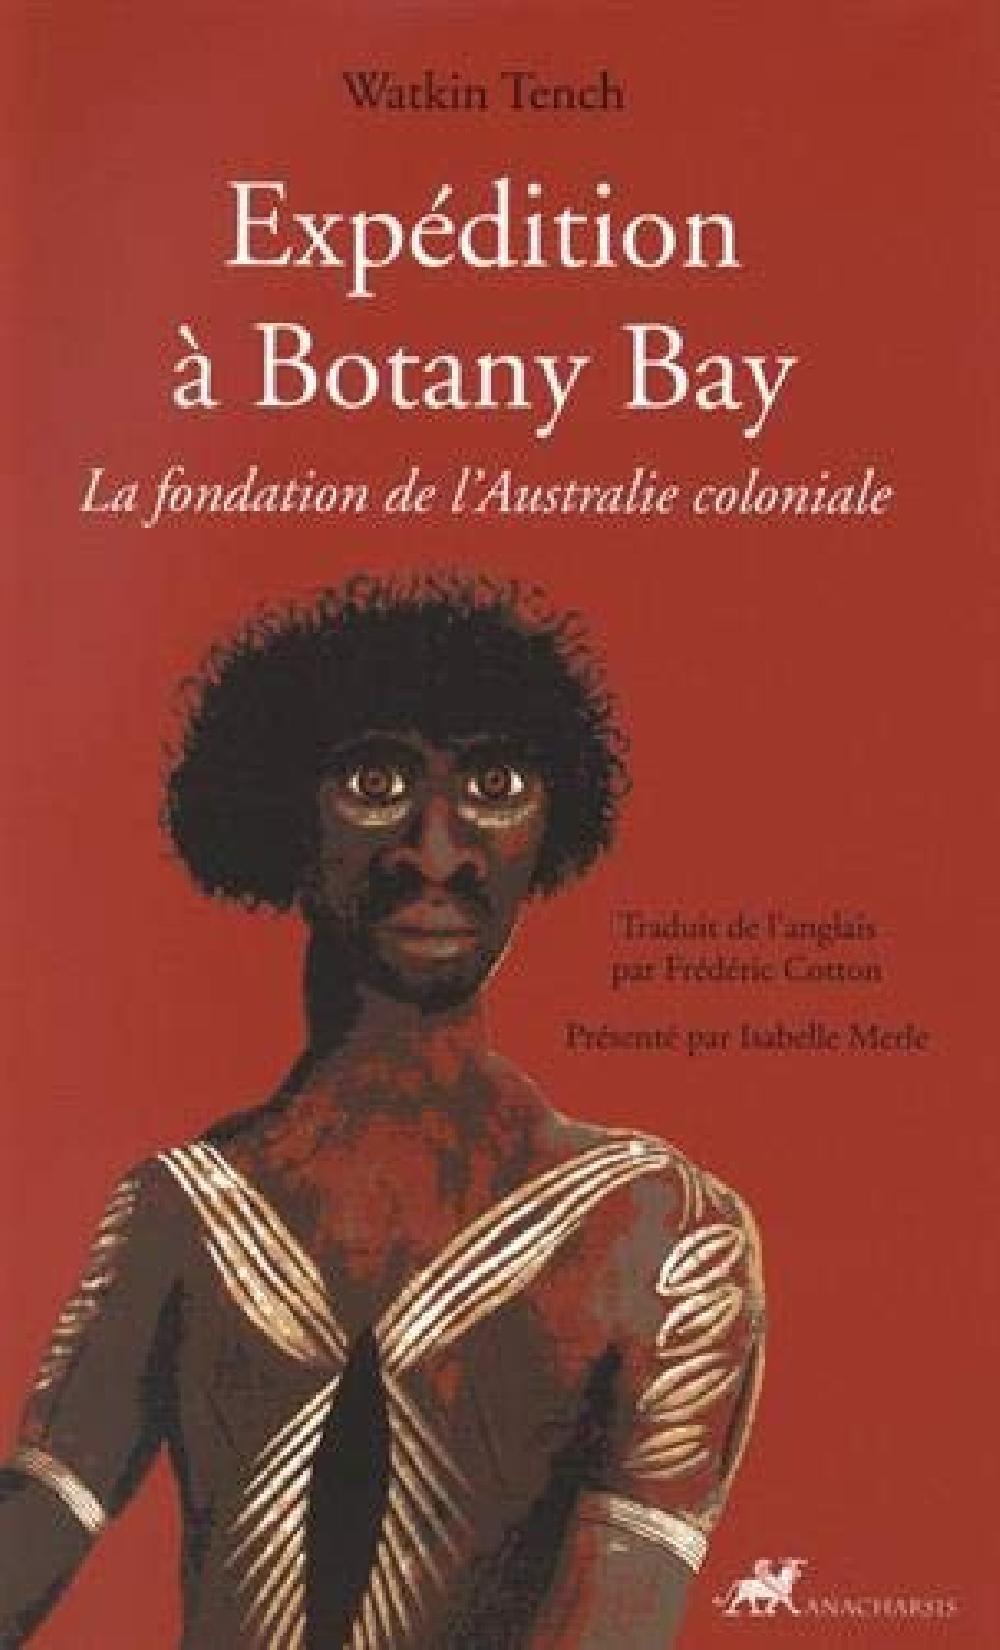 Expédition à Botany Bay - La fondation de l'Australie coloniale